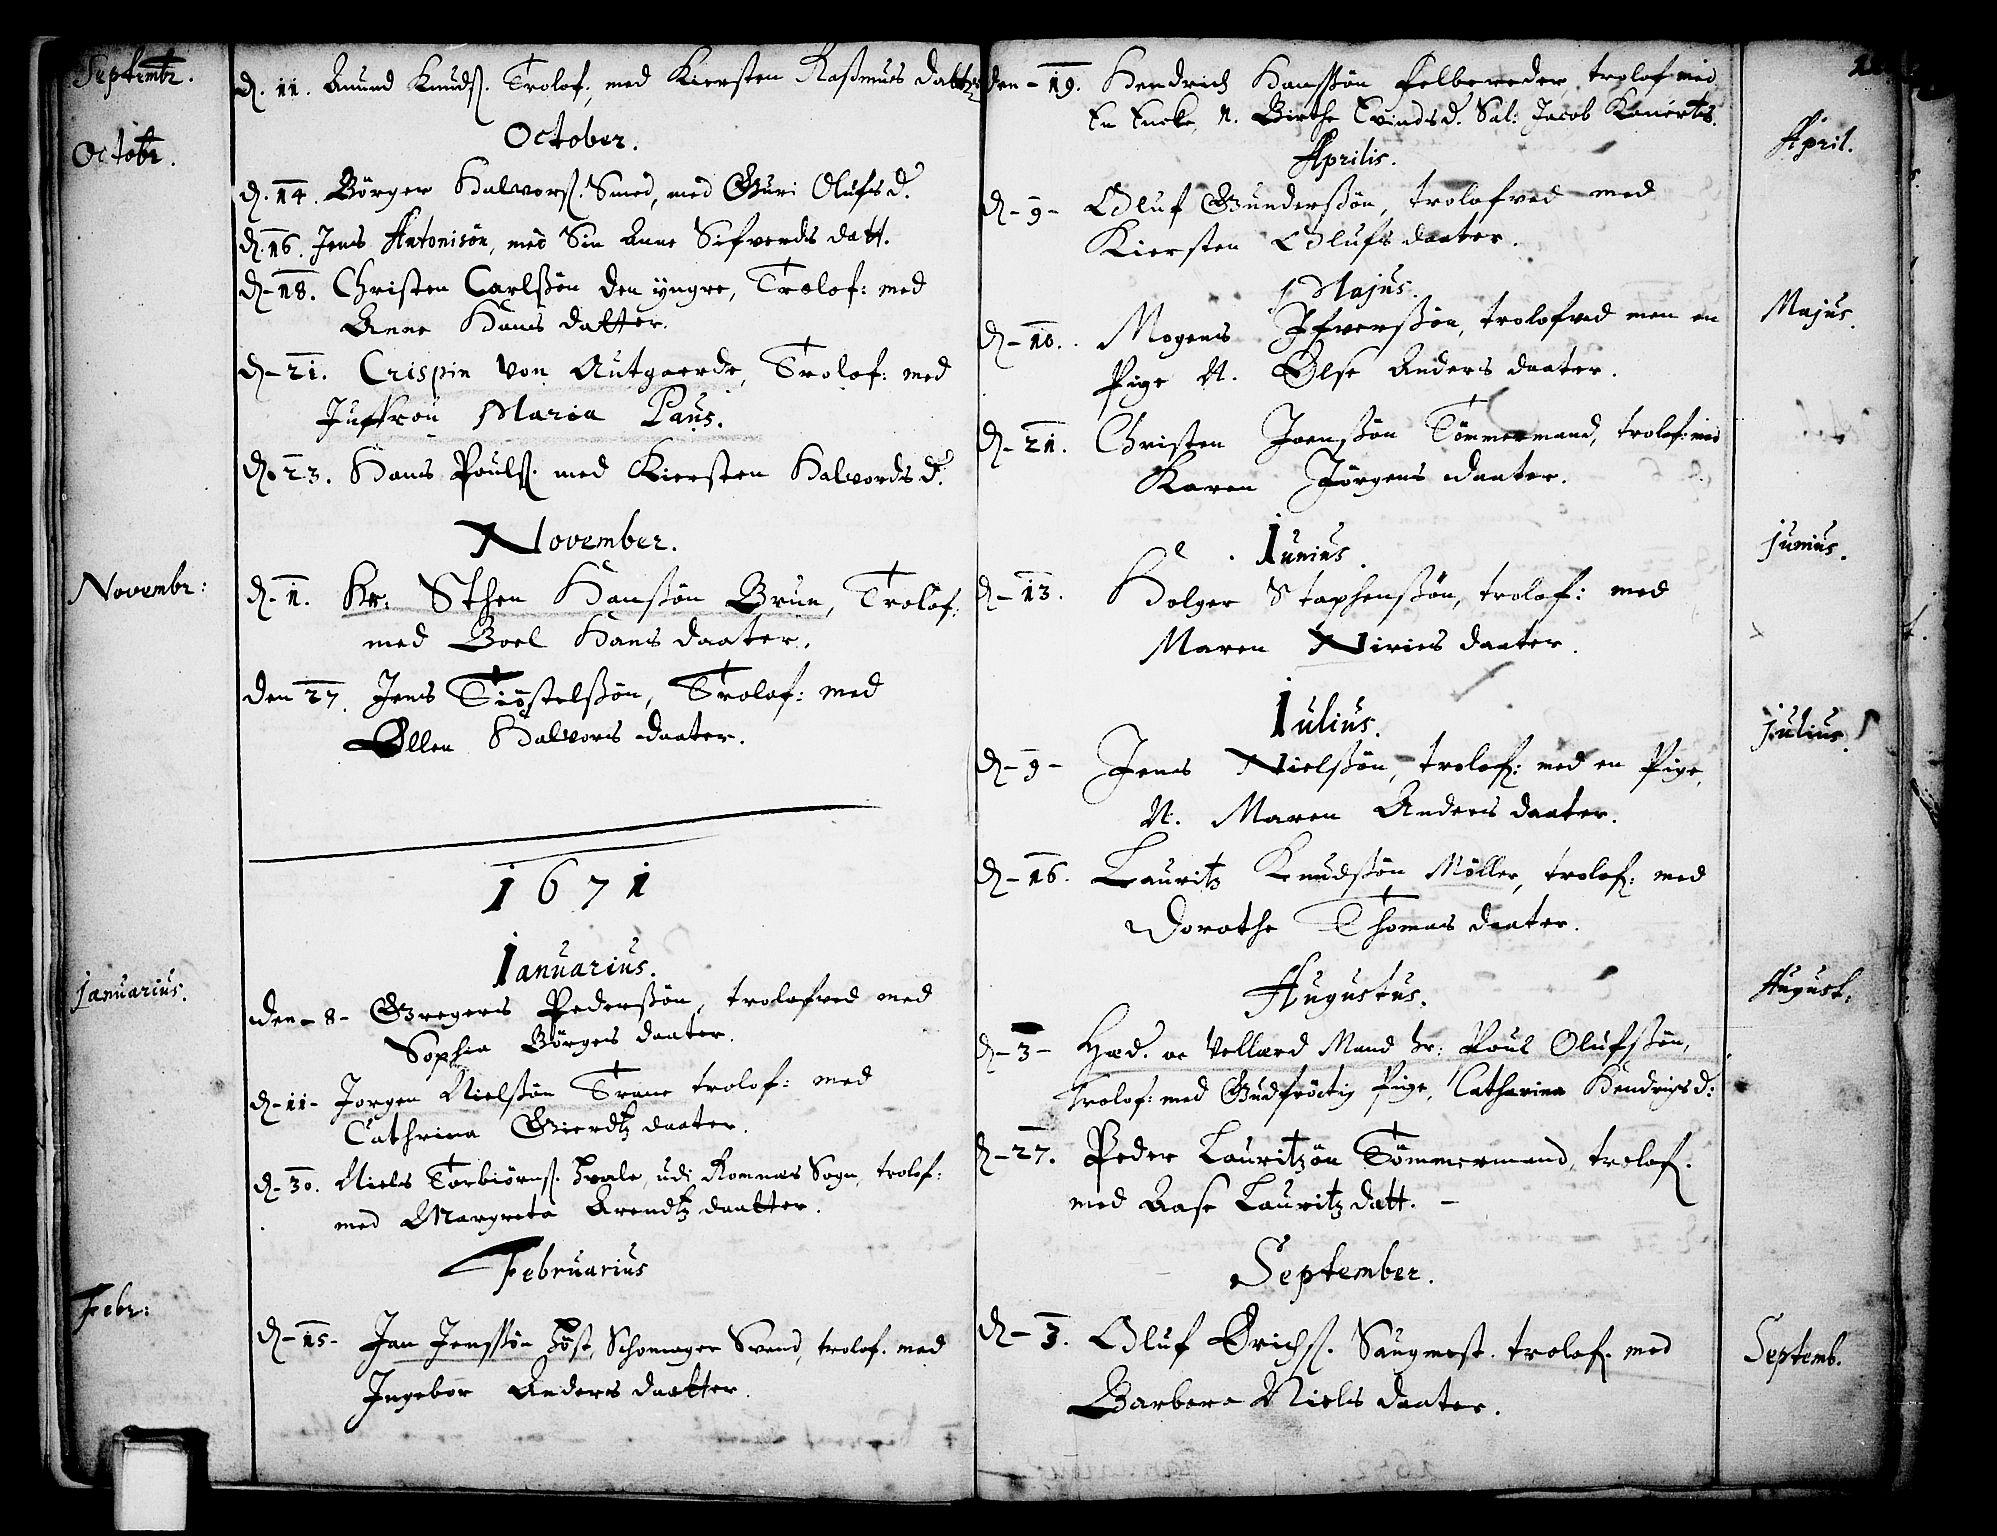 SAKO, Skien kirkebøker, F/Fa/L0001: Ministerialbok nr. 1, 1659-1679, s. 11